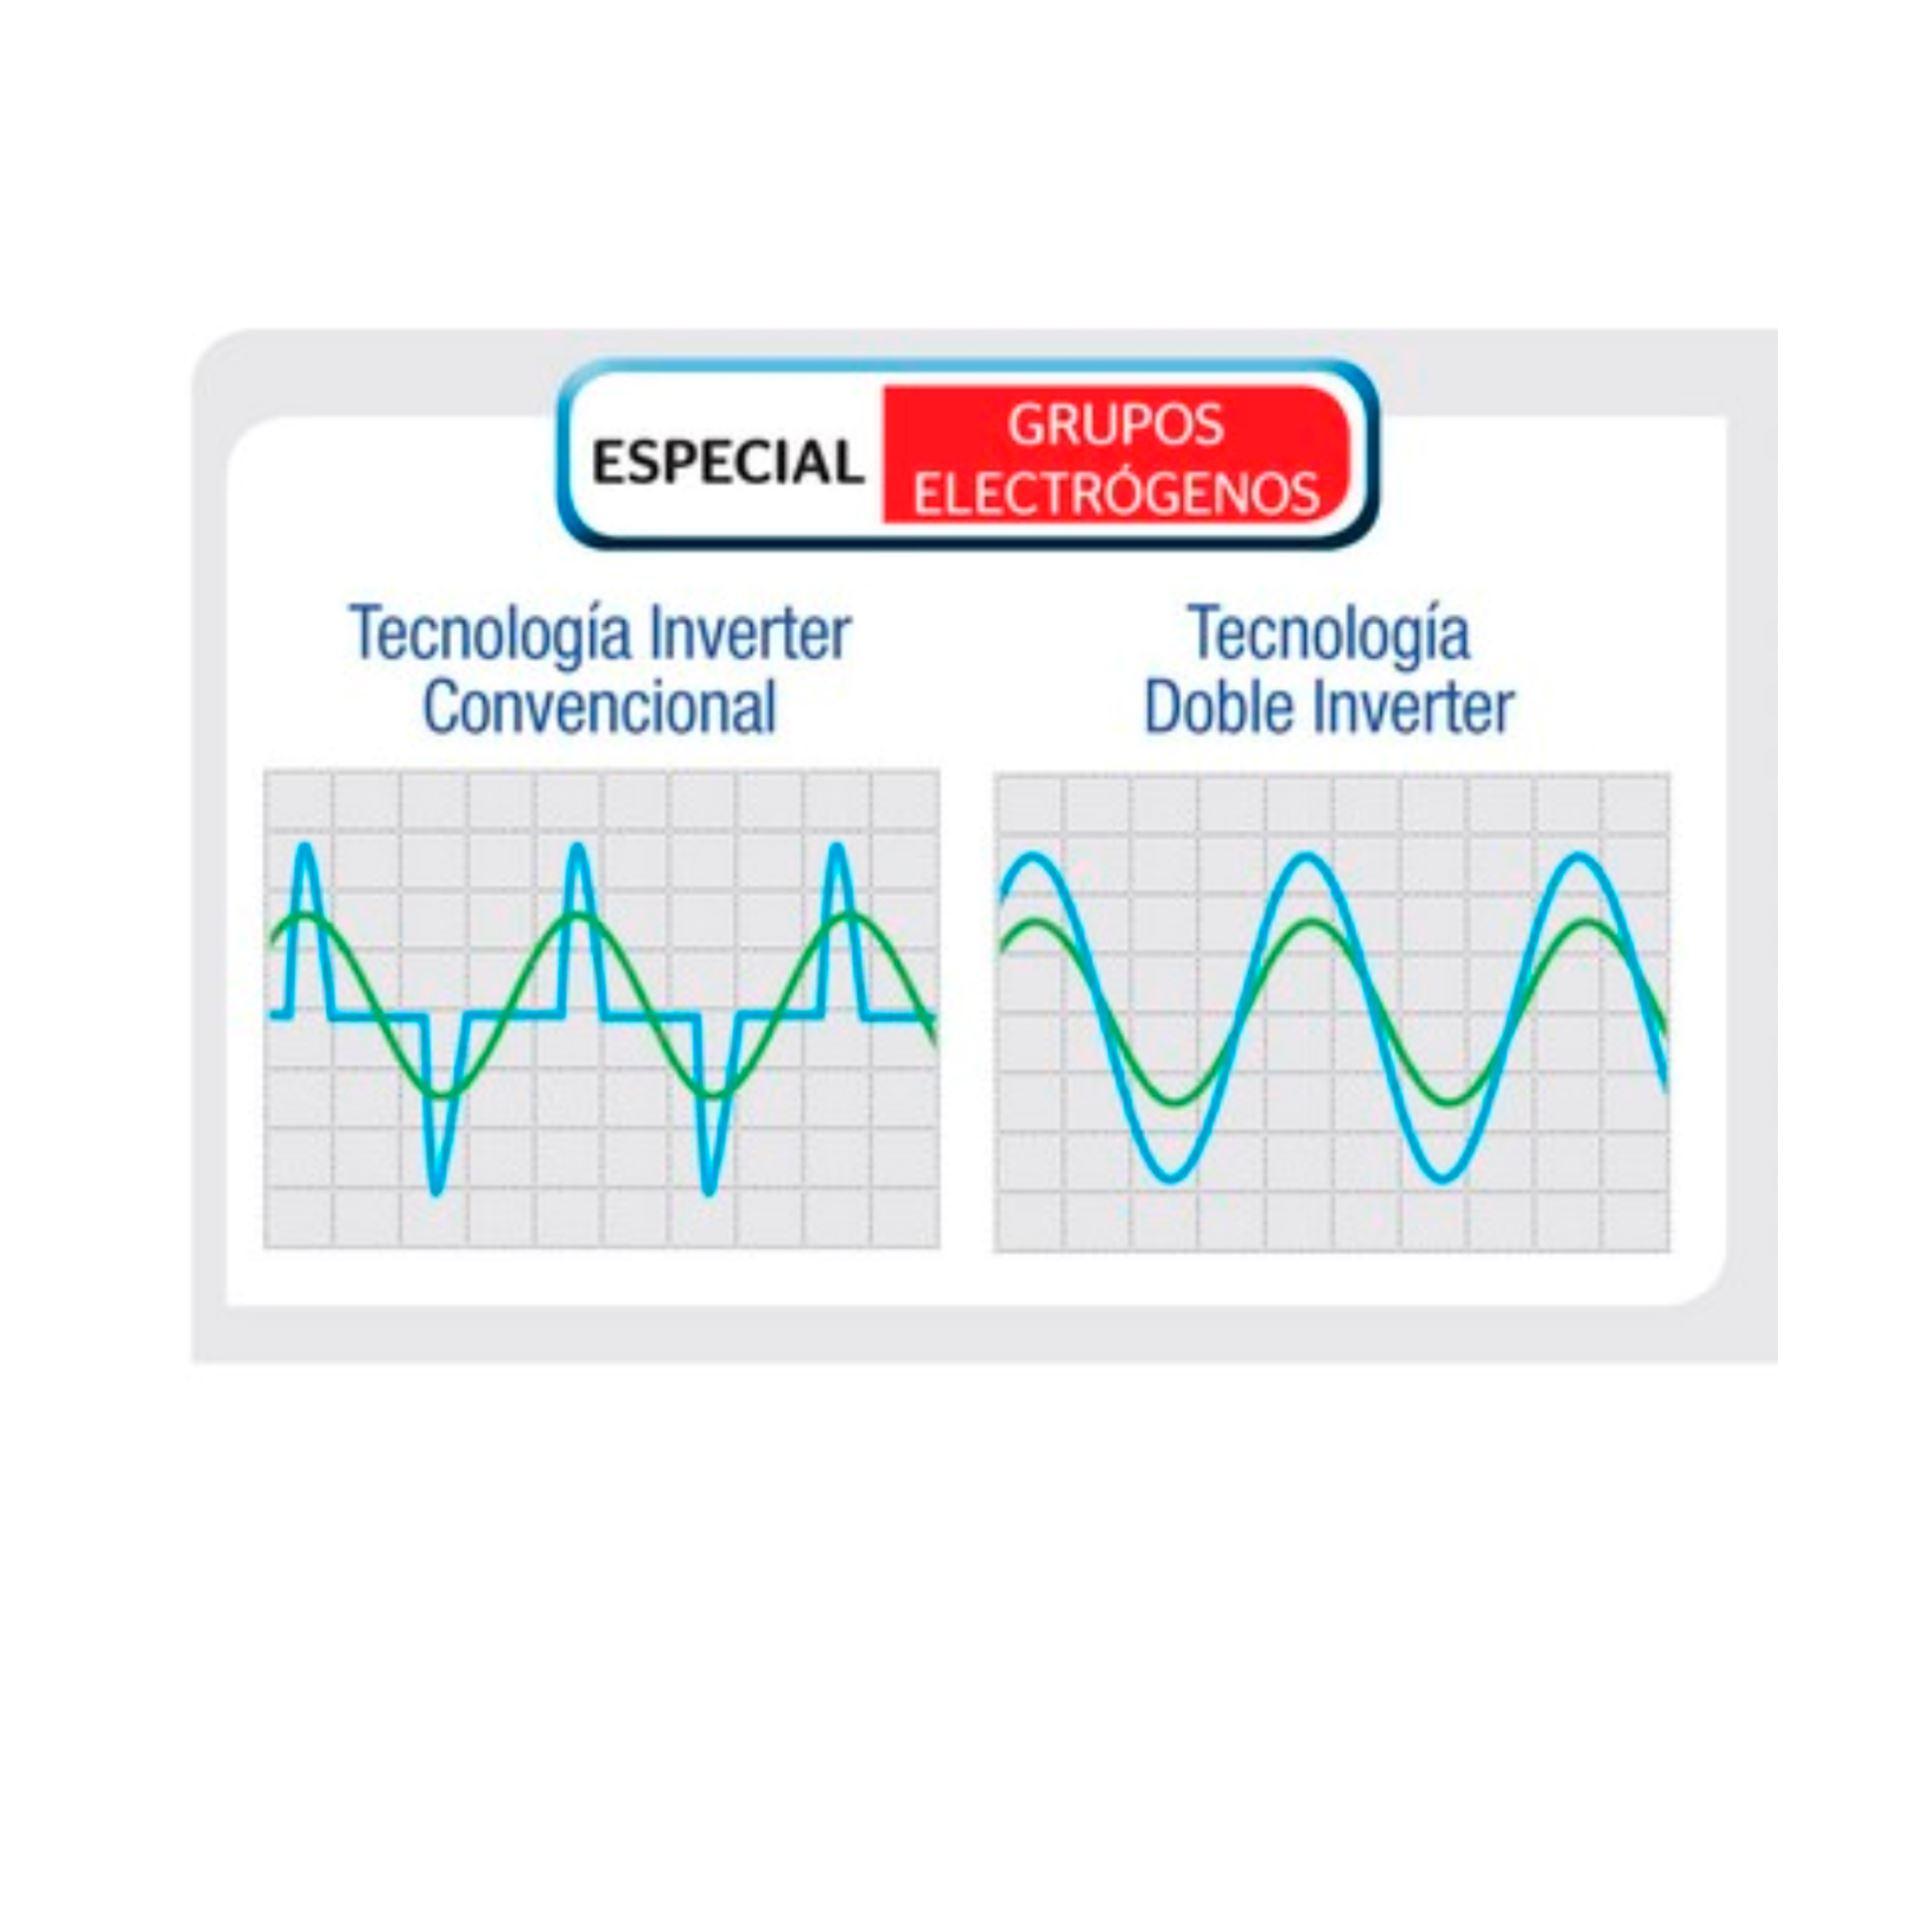 Imagen de Soldador Inverter Imcoinsa 0S158 + corrector de potencia